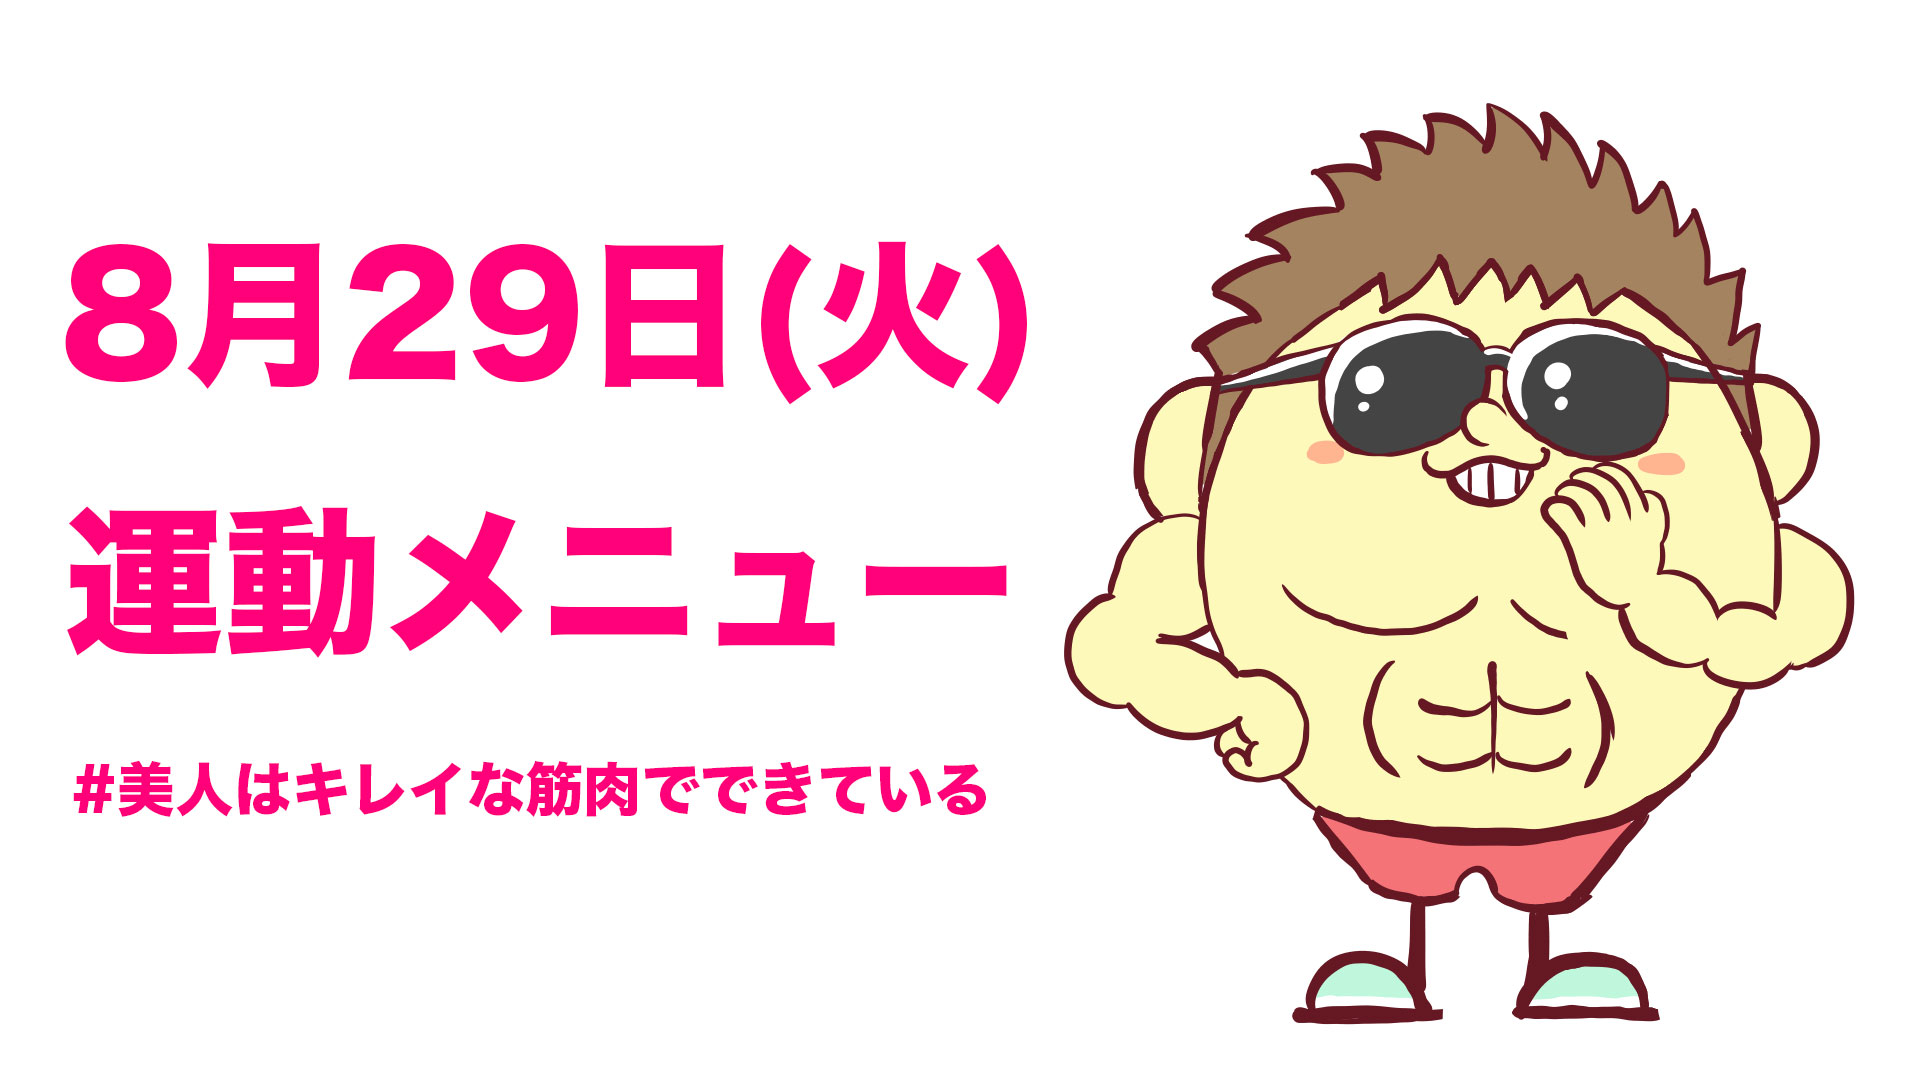 8/29の運動メニュー!